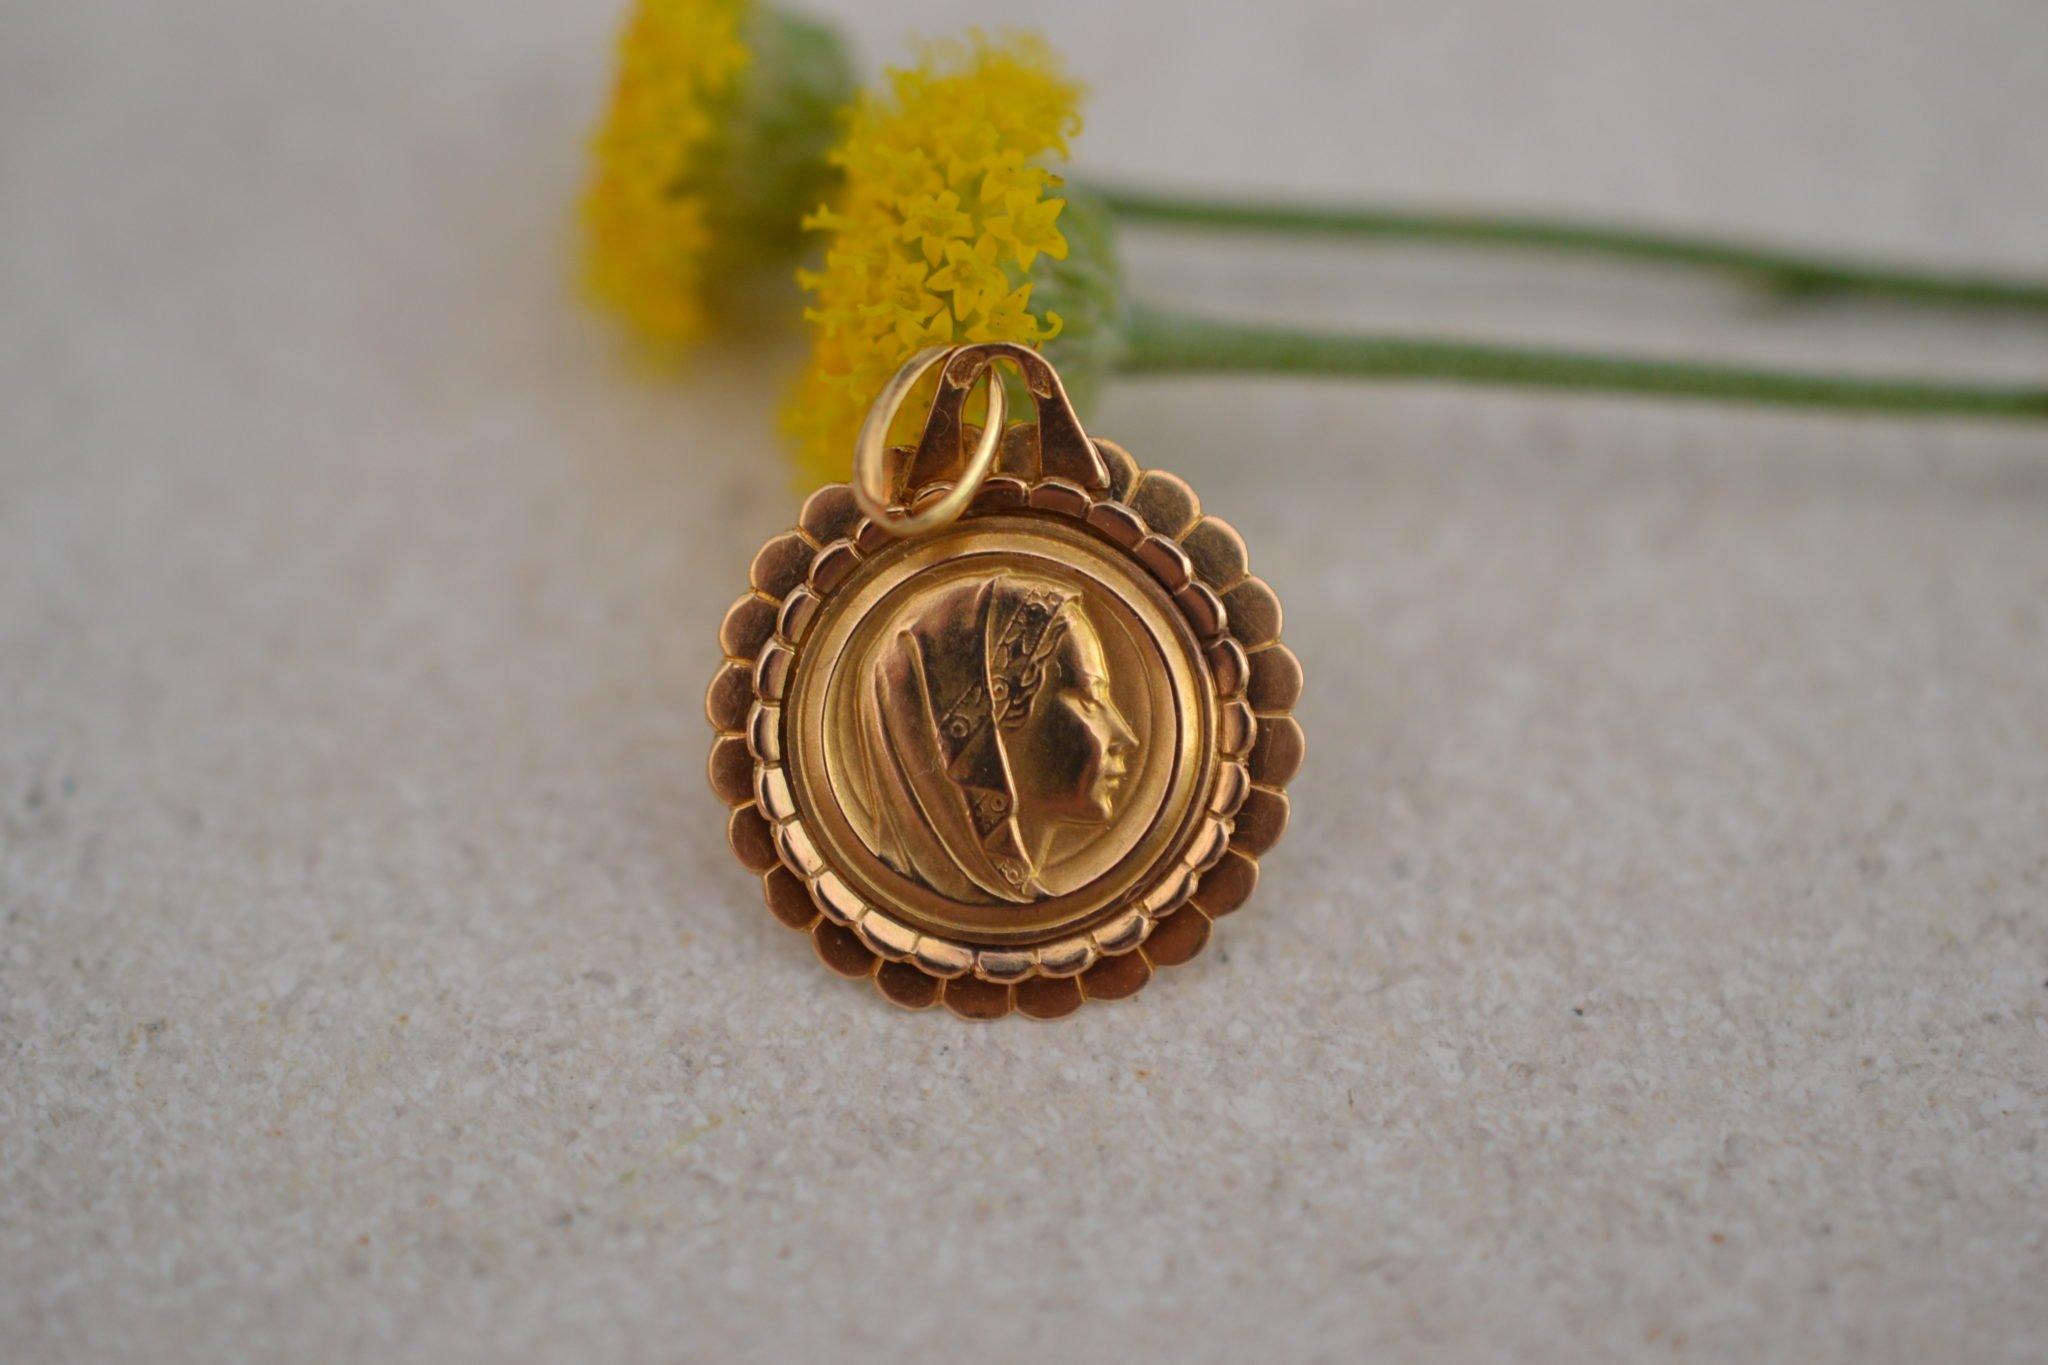 Médaille à la Vierge en Or 18 carats 750:1000 - Médaille ancienne bapteme - Bijou écoresponsable - Unique